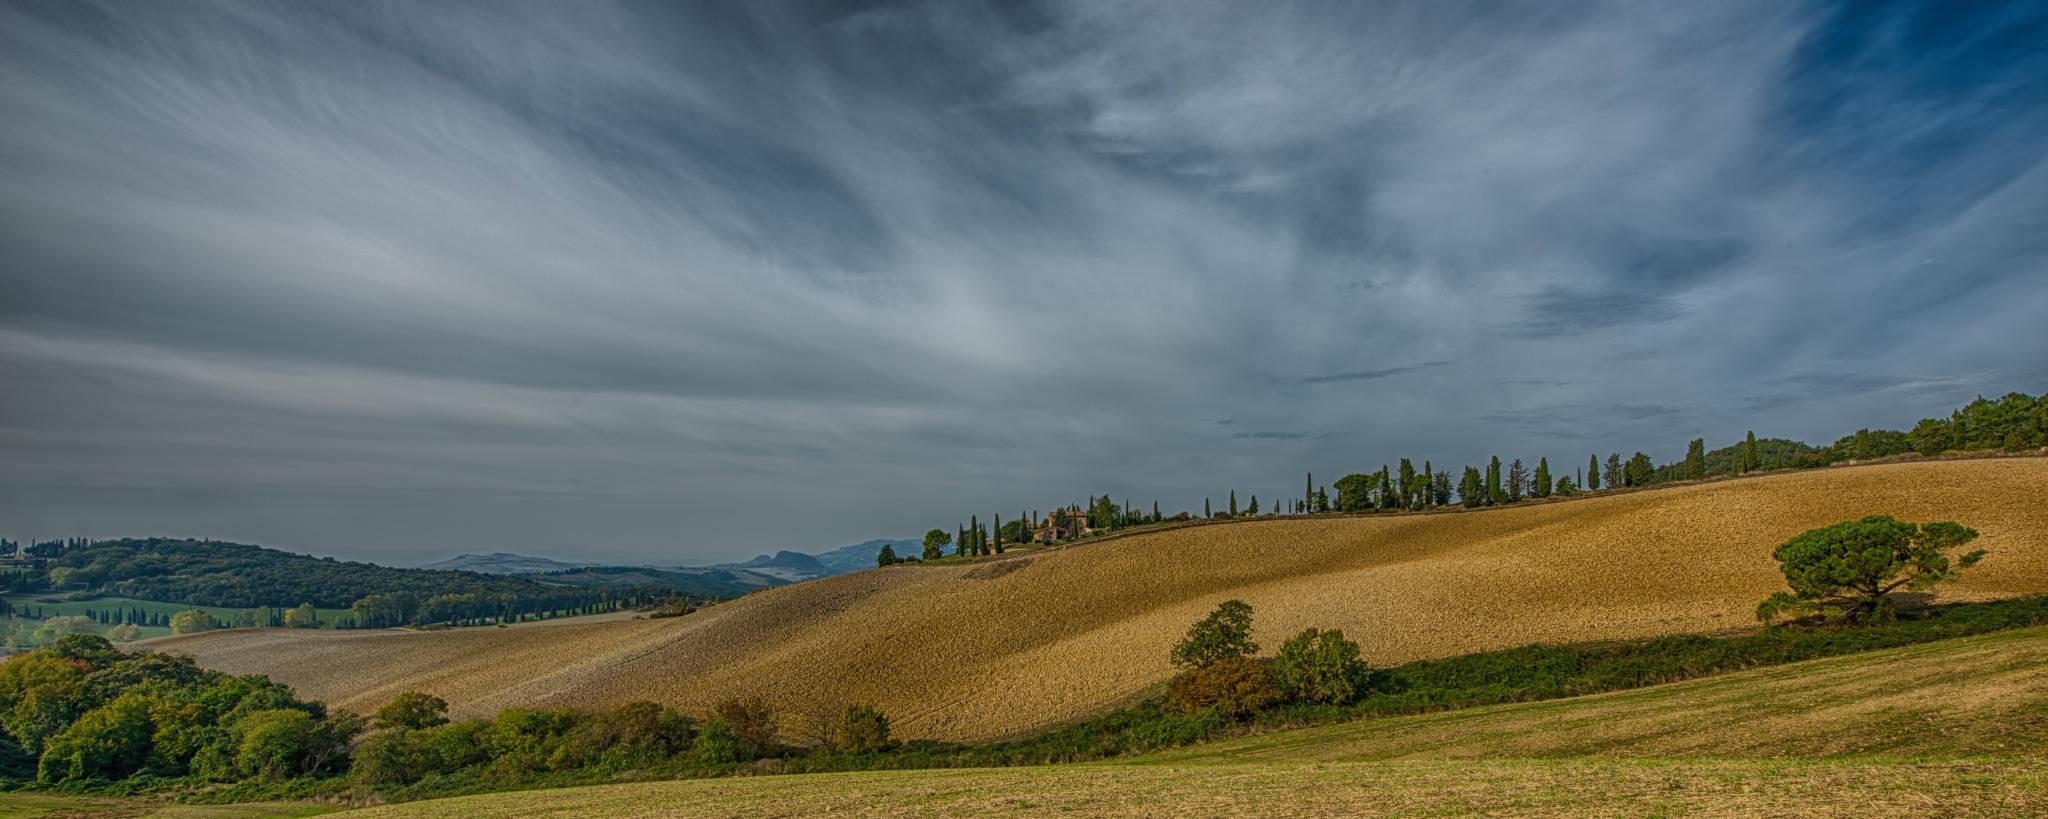 Toscane by R van Wijk